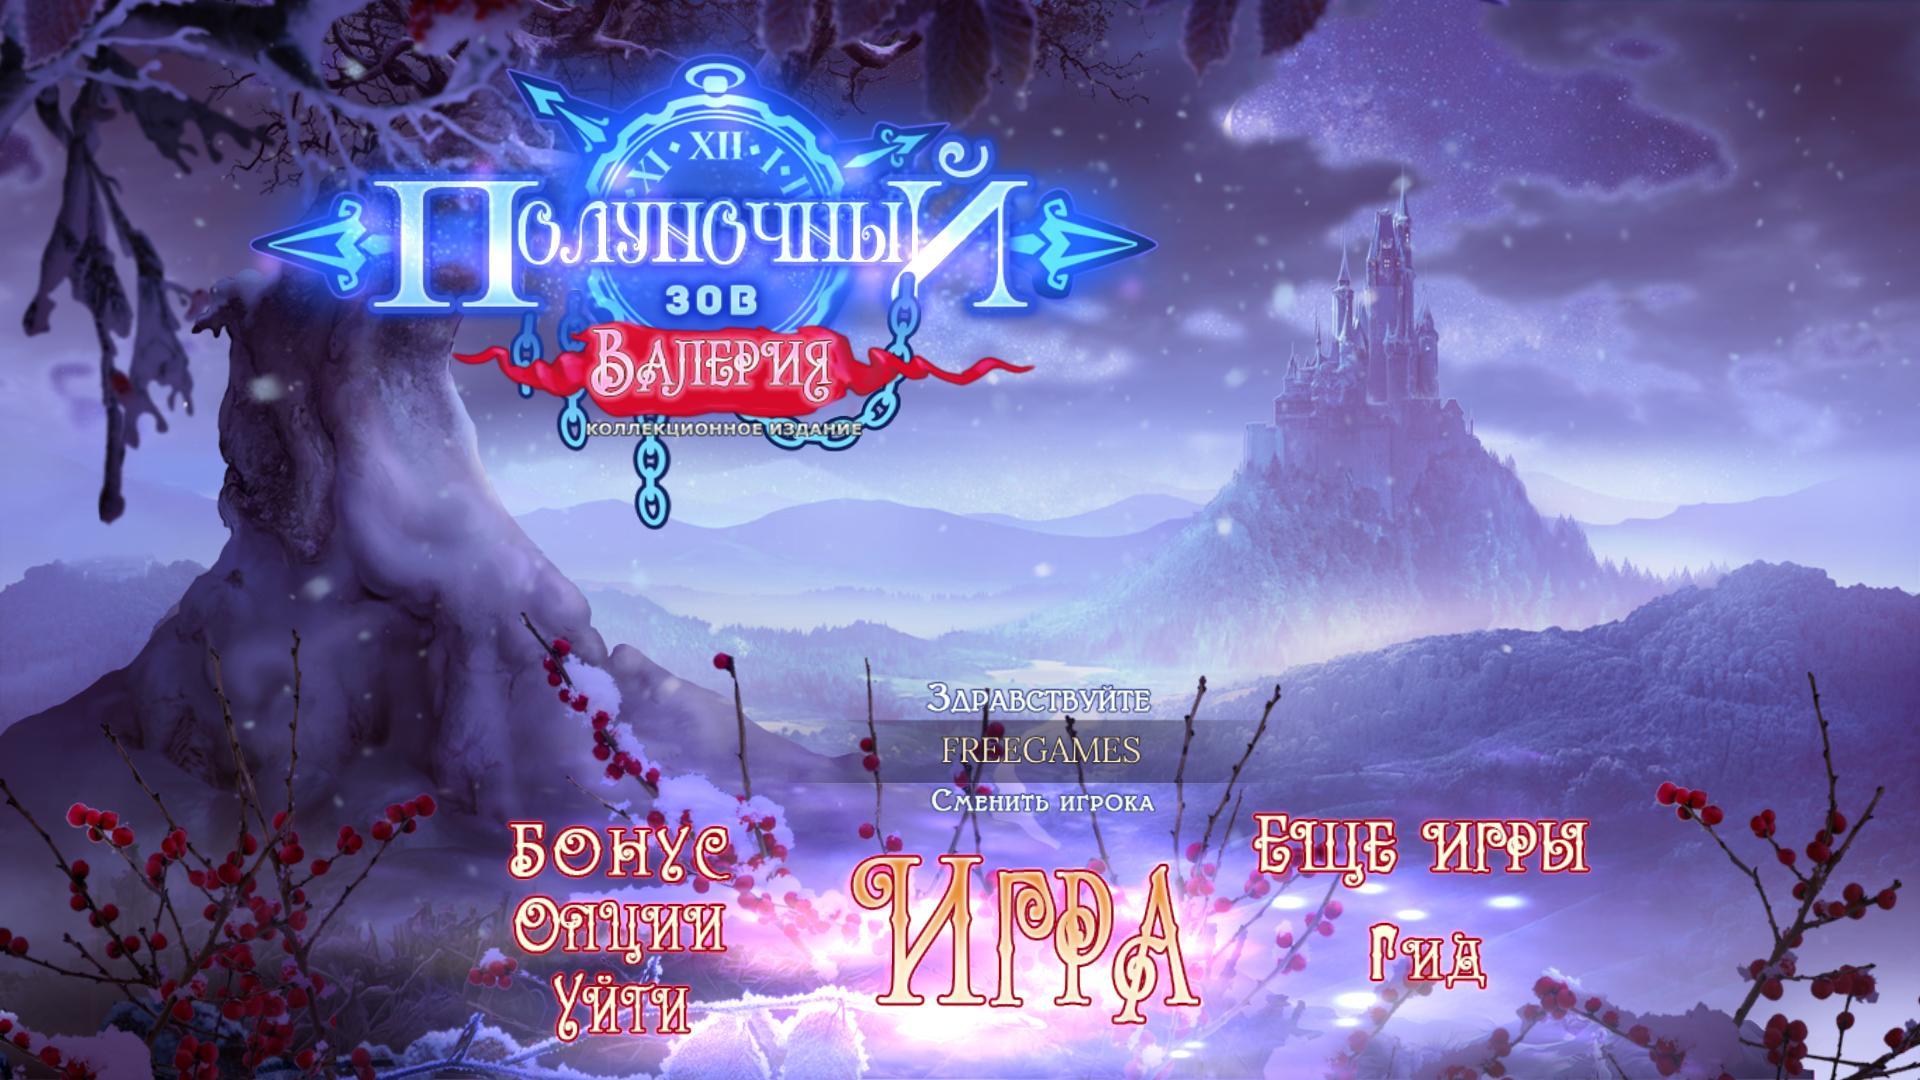 Полуночный Зов 3: Валерия. Коллекционное издание   Midnight Calling 3: Valeria CE (Rus)